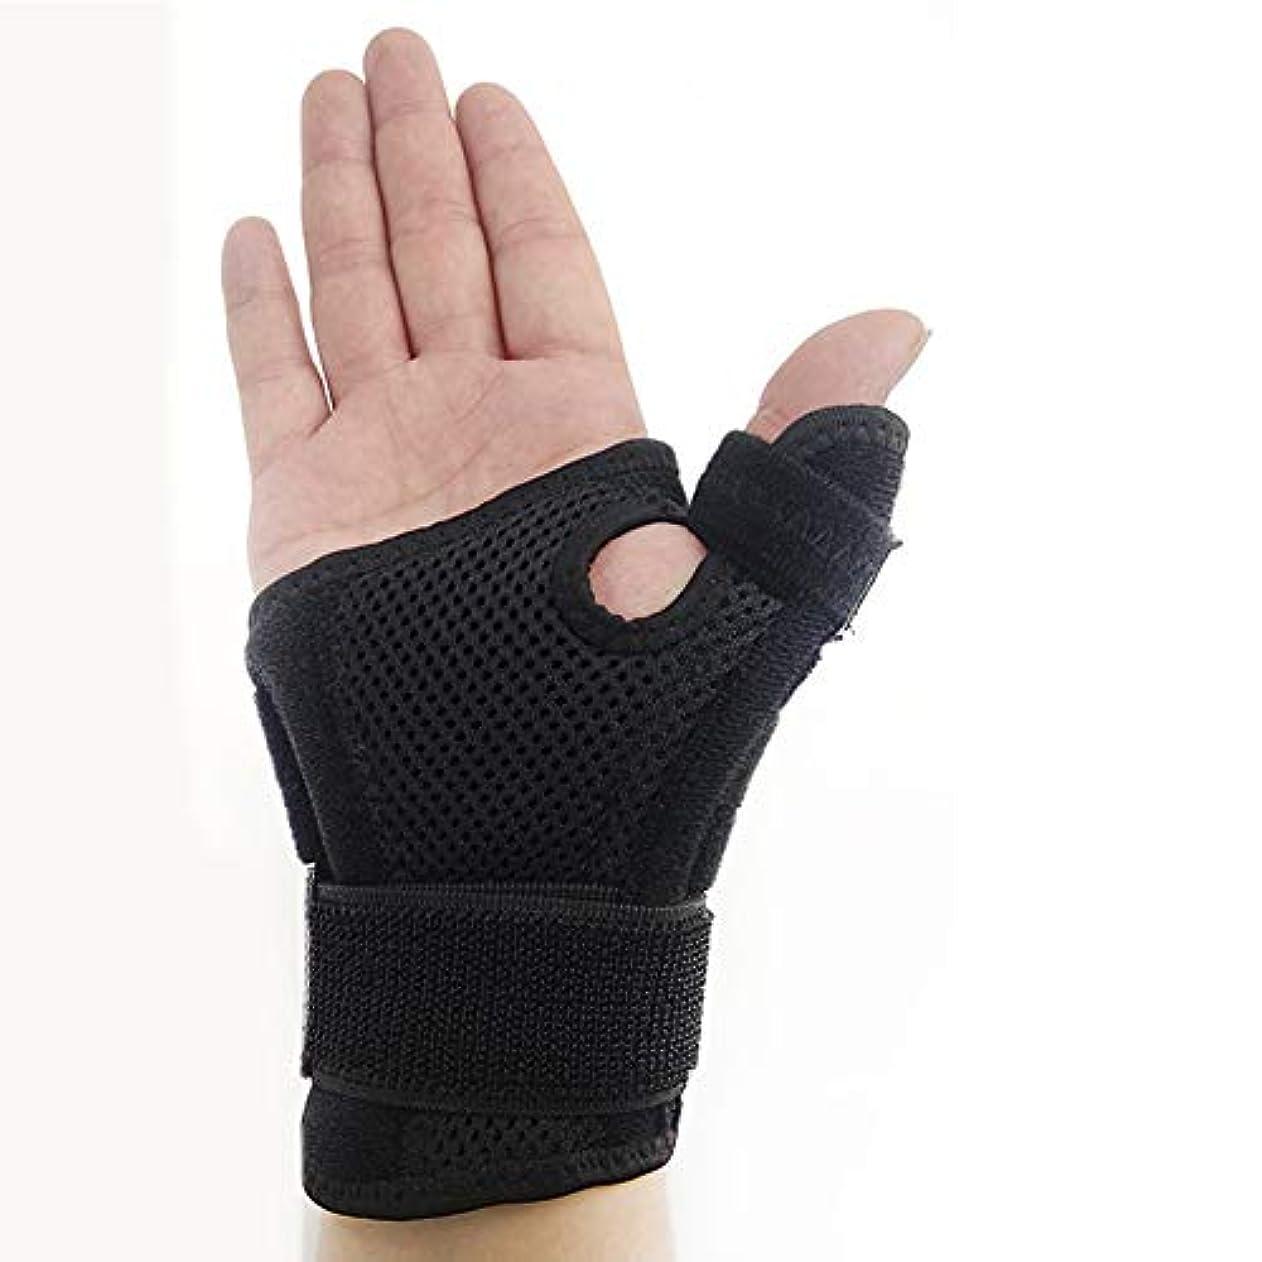 沼地医師に向けて出発右と左の手黒のヘルスケアのための親指の保護ブレースサポートスプリントの親指の共同捻挫ガード